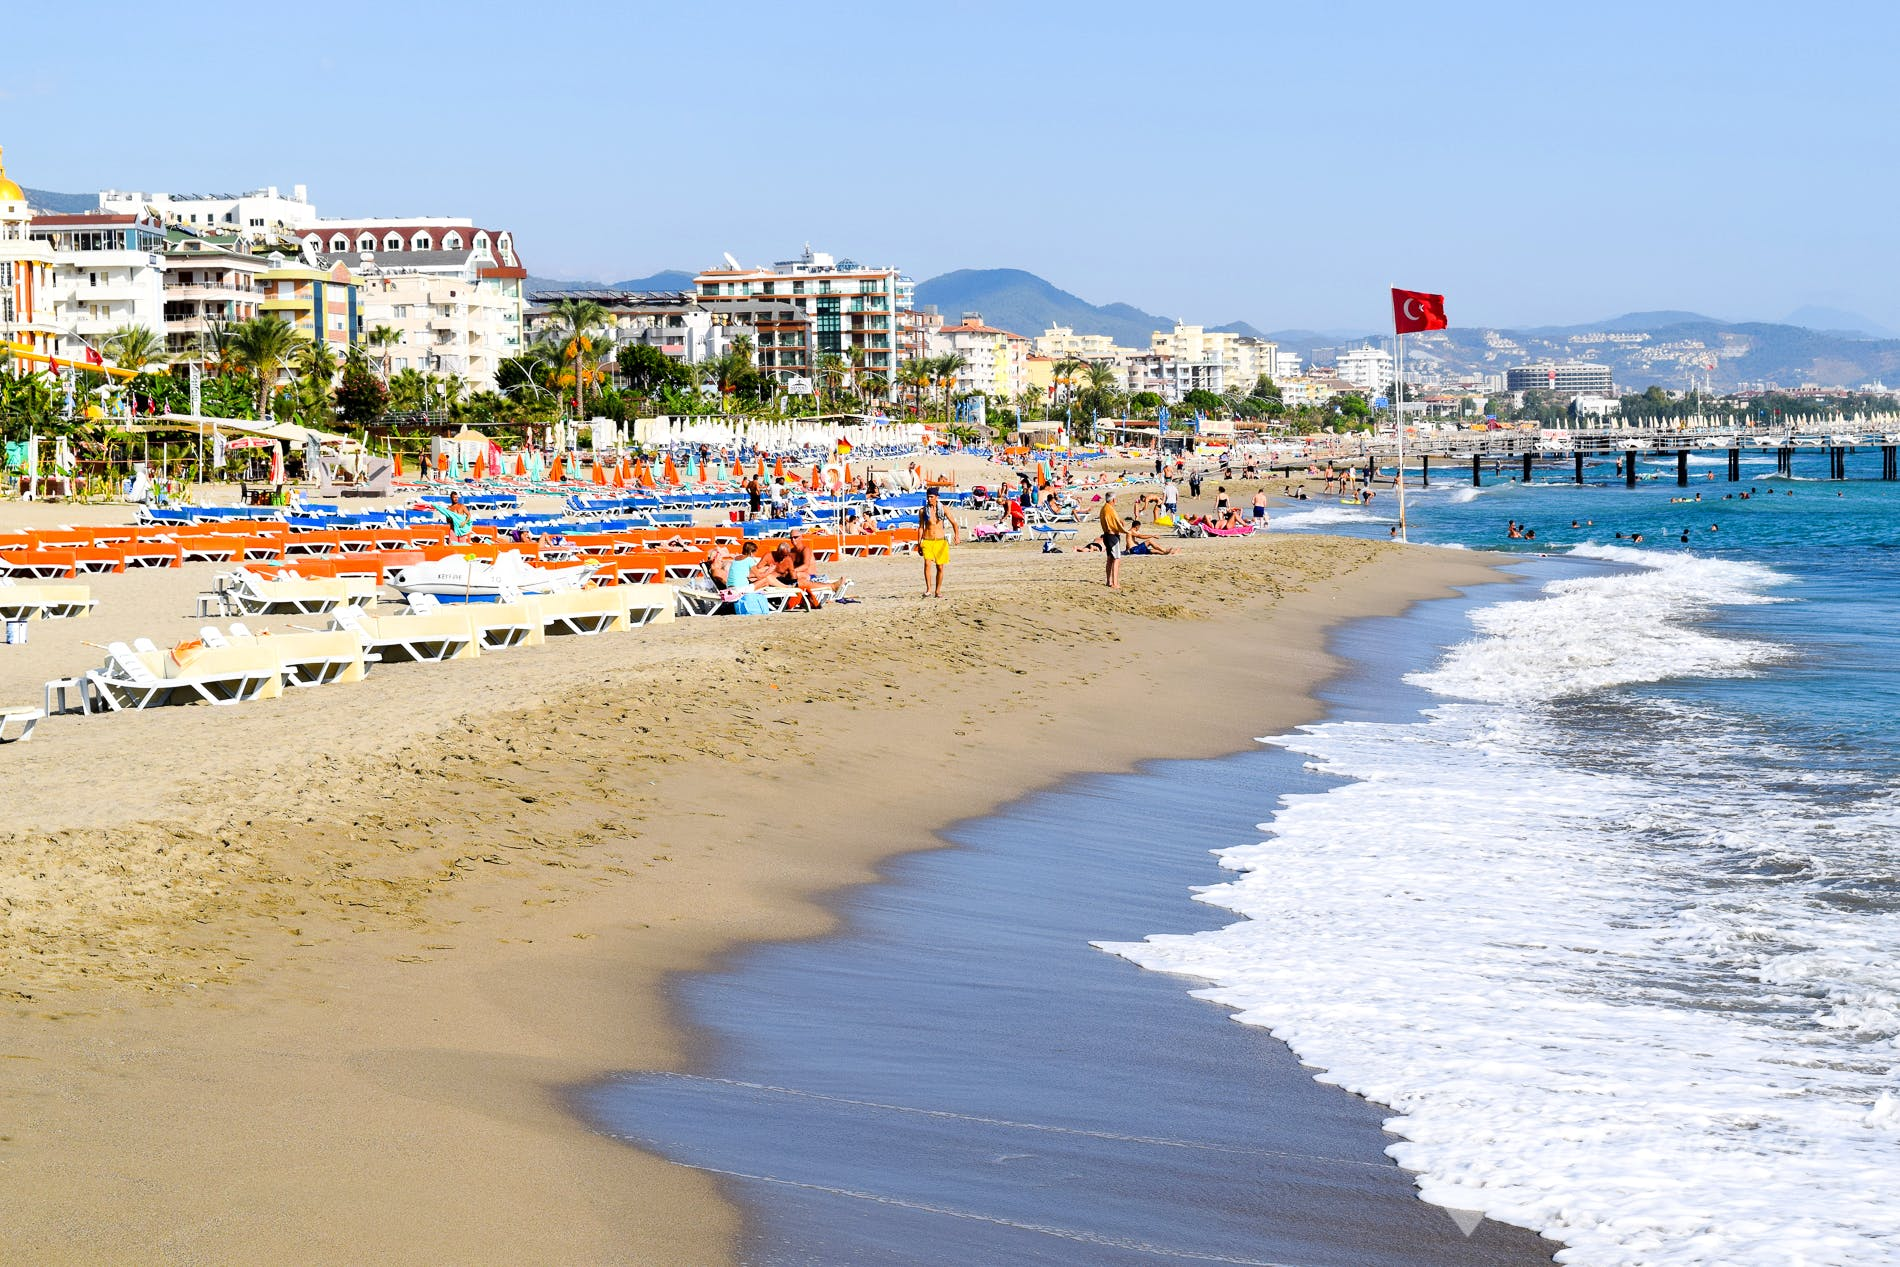 Strand Oba Beach, Türkische Riviera, Türkei